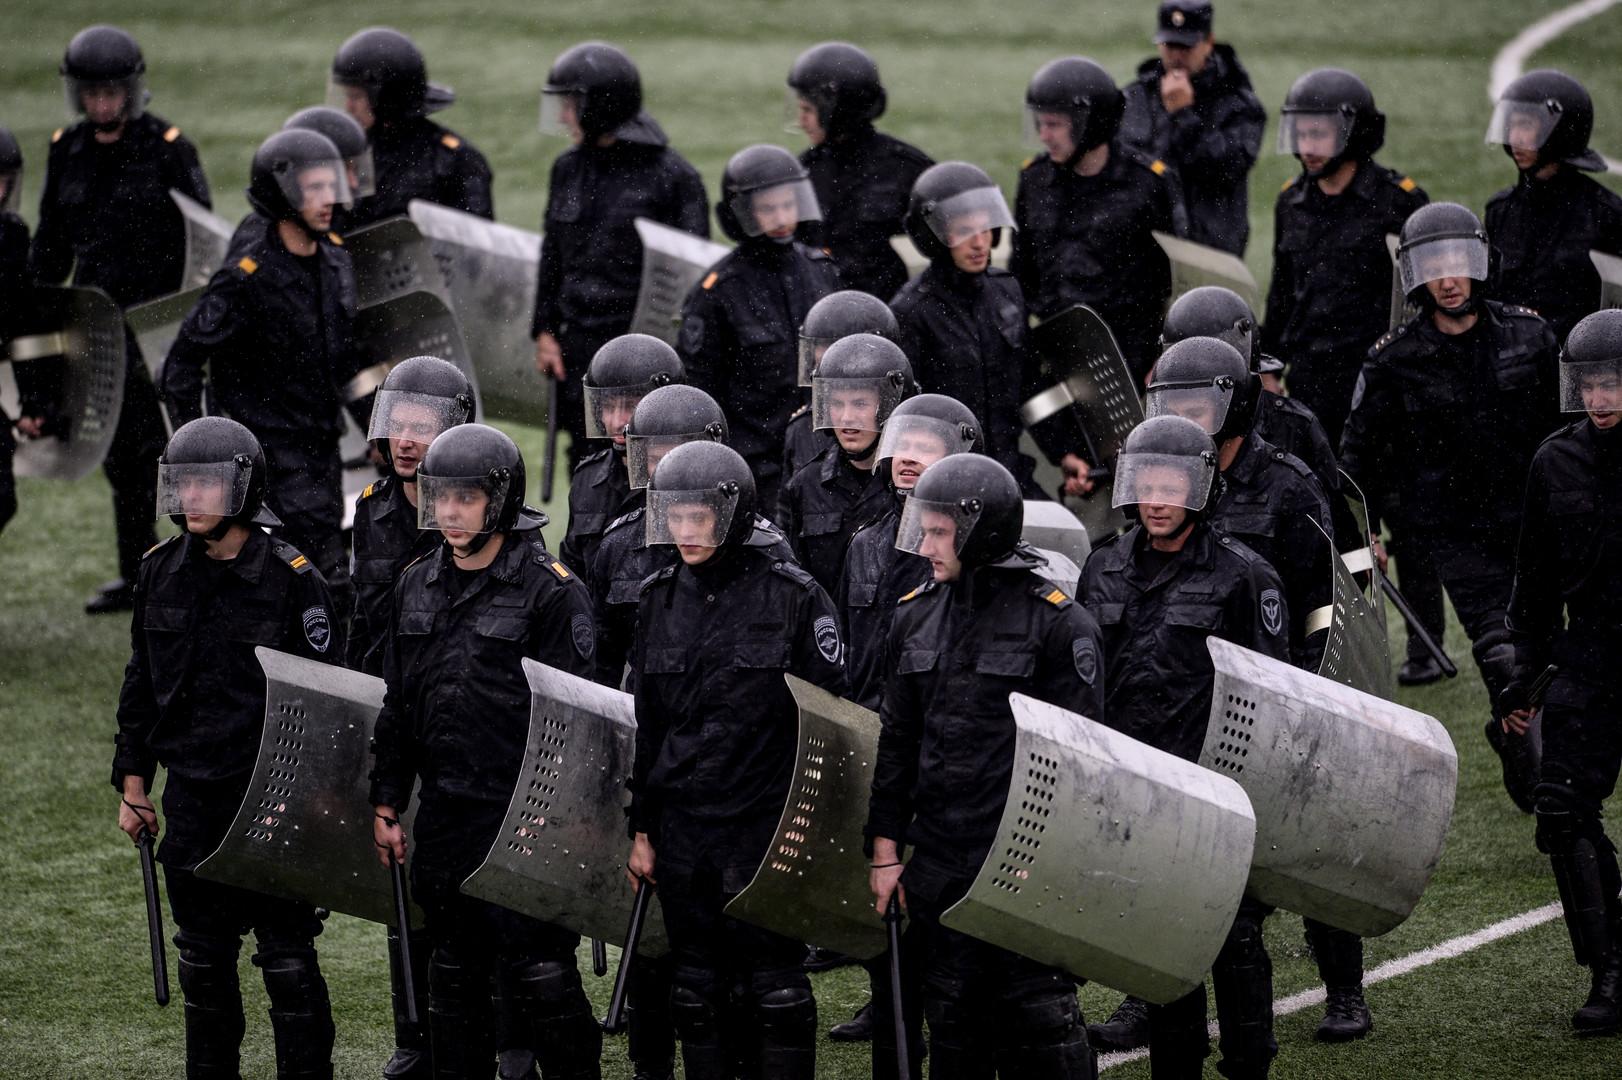 СМИ узнали о подготовке масштабной реформы силовых и правоохранительных ведомств